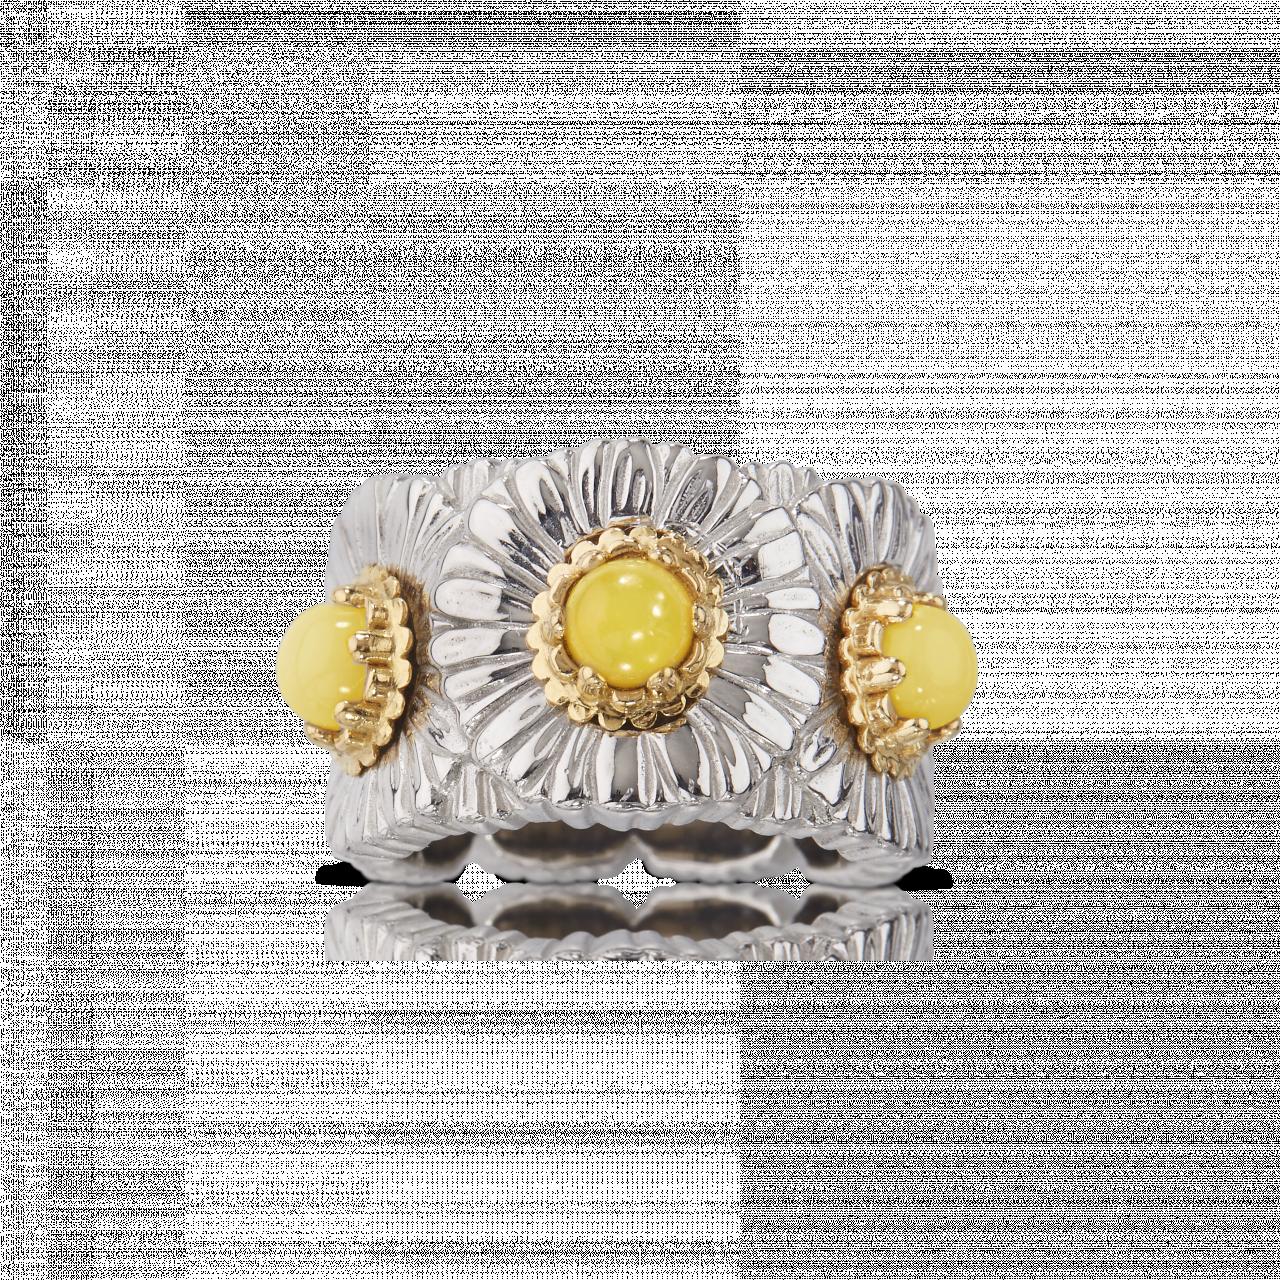 BUCCELLATI ANELLO ETERNELLE Daisy Blossom Color Anello eternelle in argento con opale MATERIALI: ARGENTO, OPALE RING SCONTO DISCOUNT